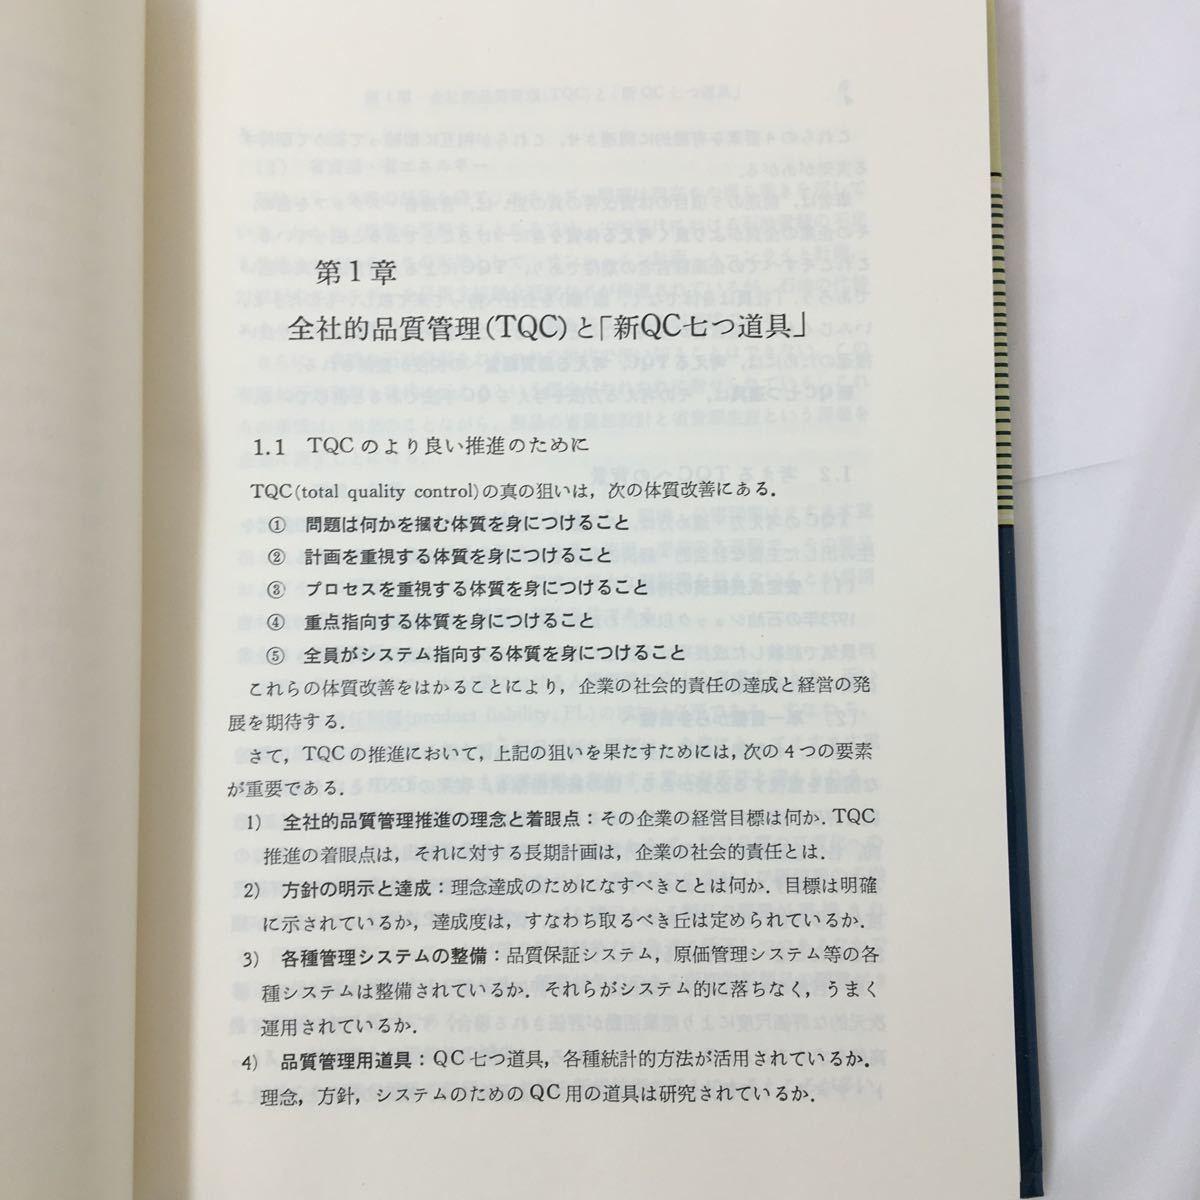 zaa-11 管理者スタッフの新QC七つ道具  日本科学技術連盟 (著) 単行本 1979/5/1_画像4